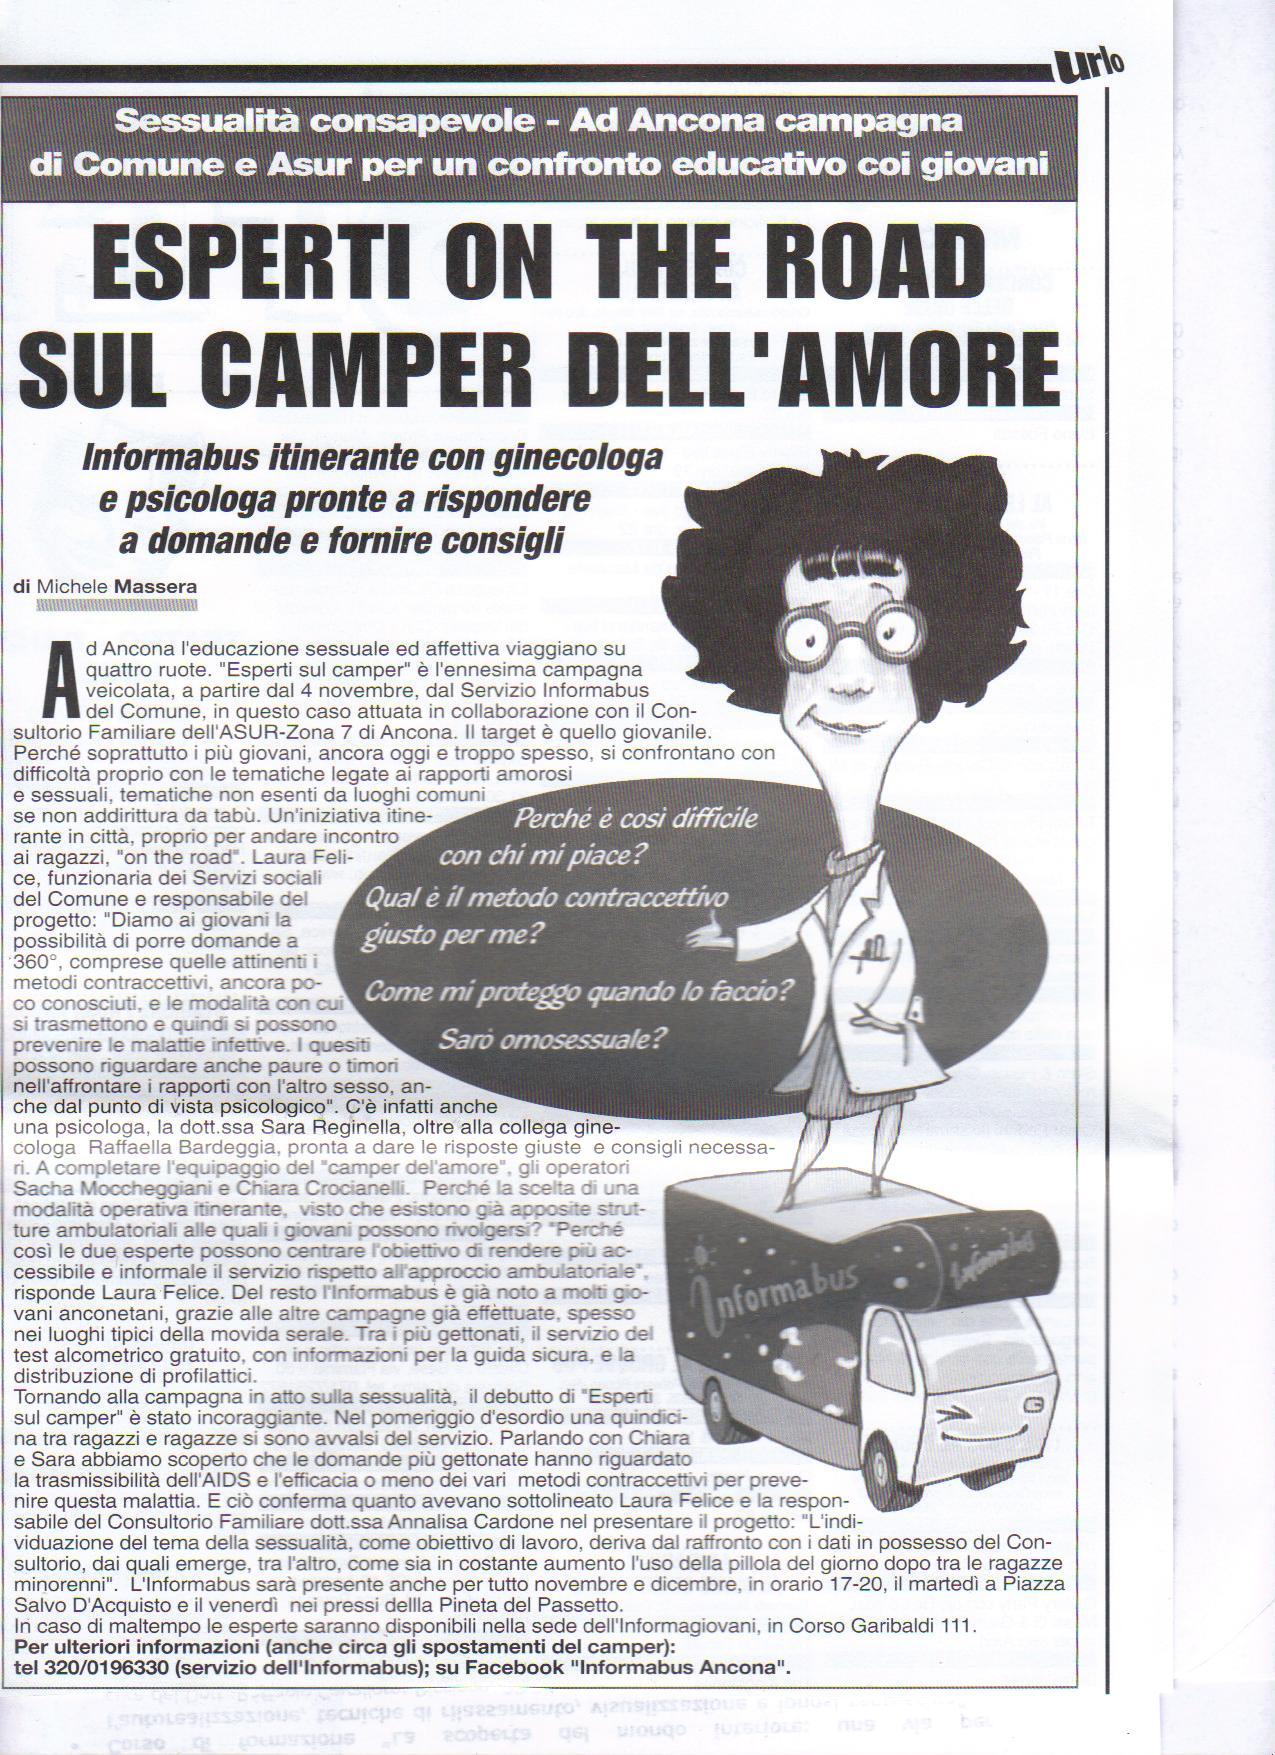 Esperti sul camper-Sessualità consapevole. Ad Ancona campagna di Comune e Asur per un confronto educativo coi giovani